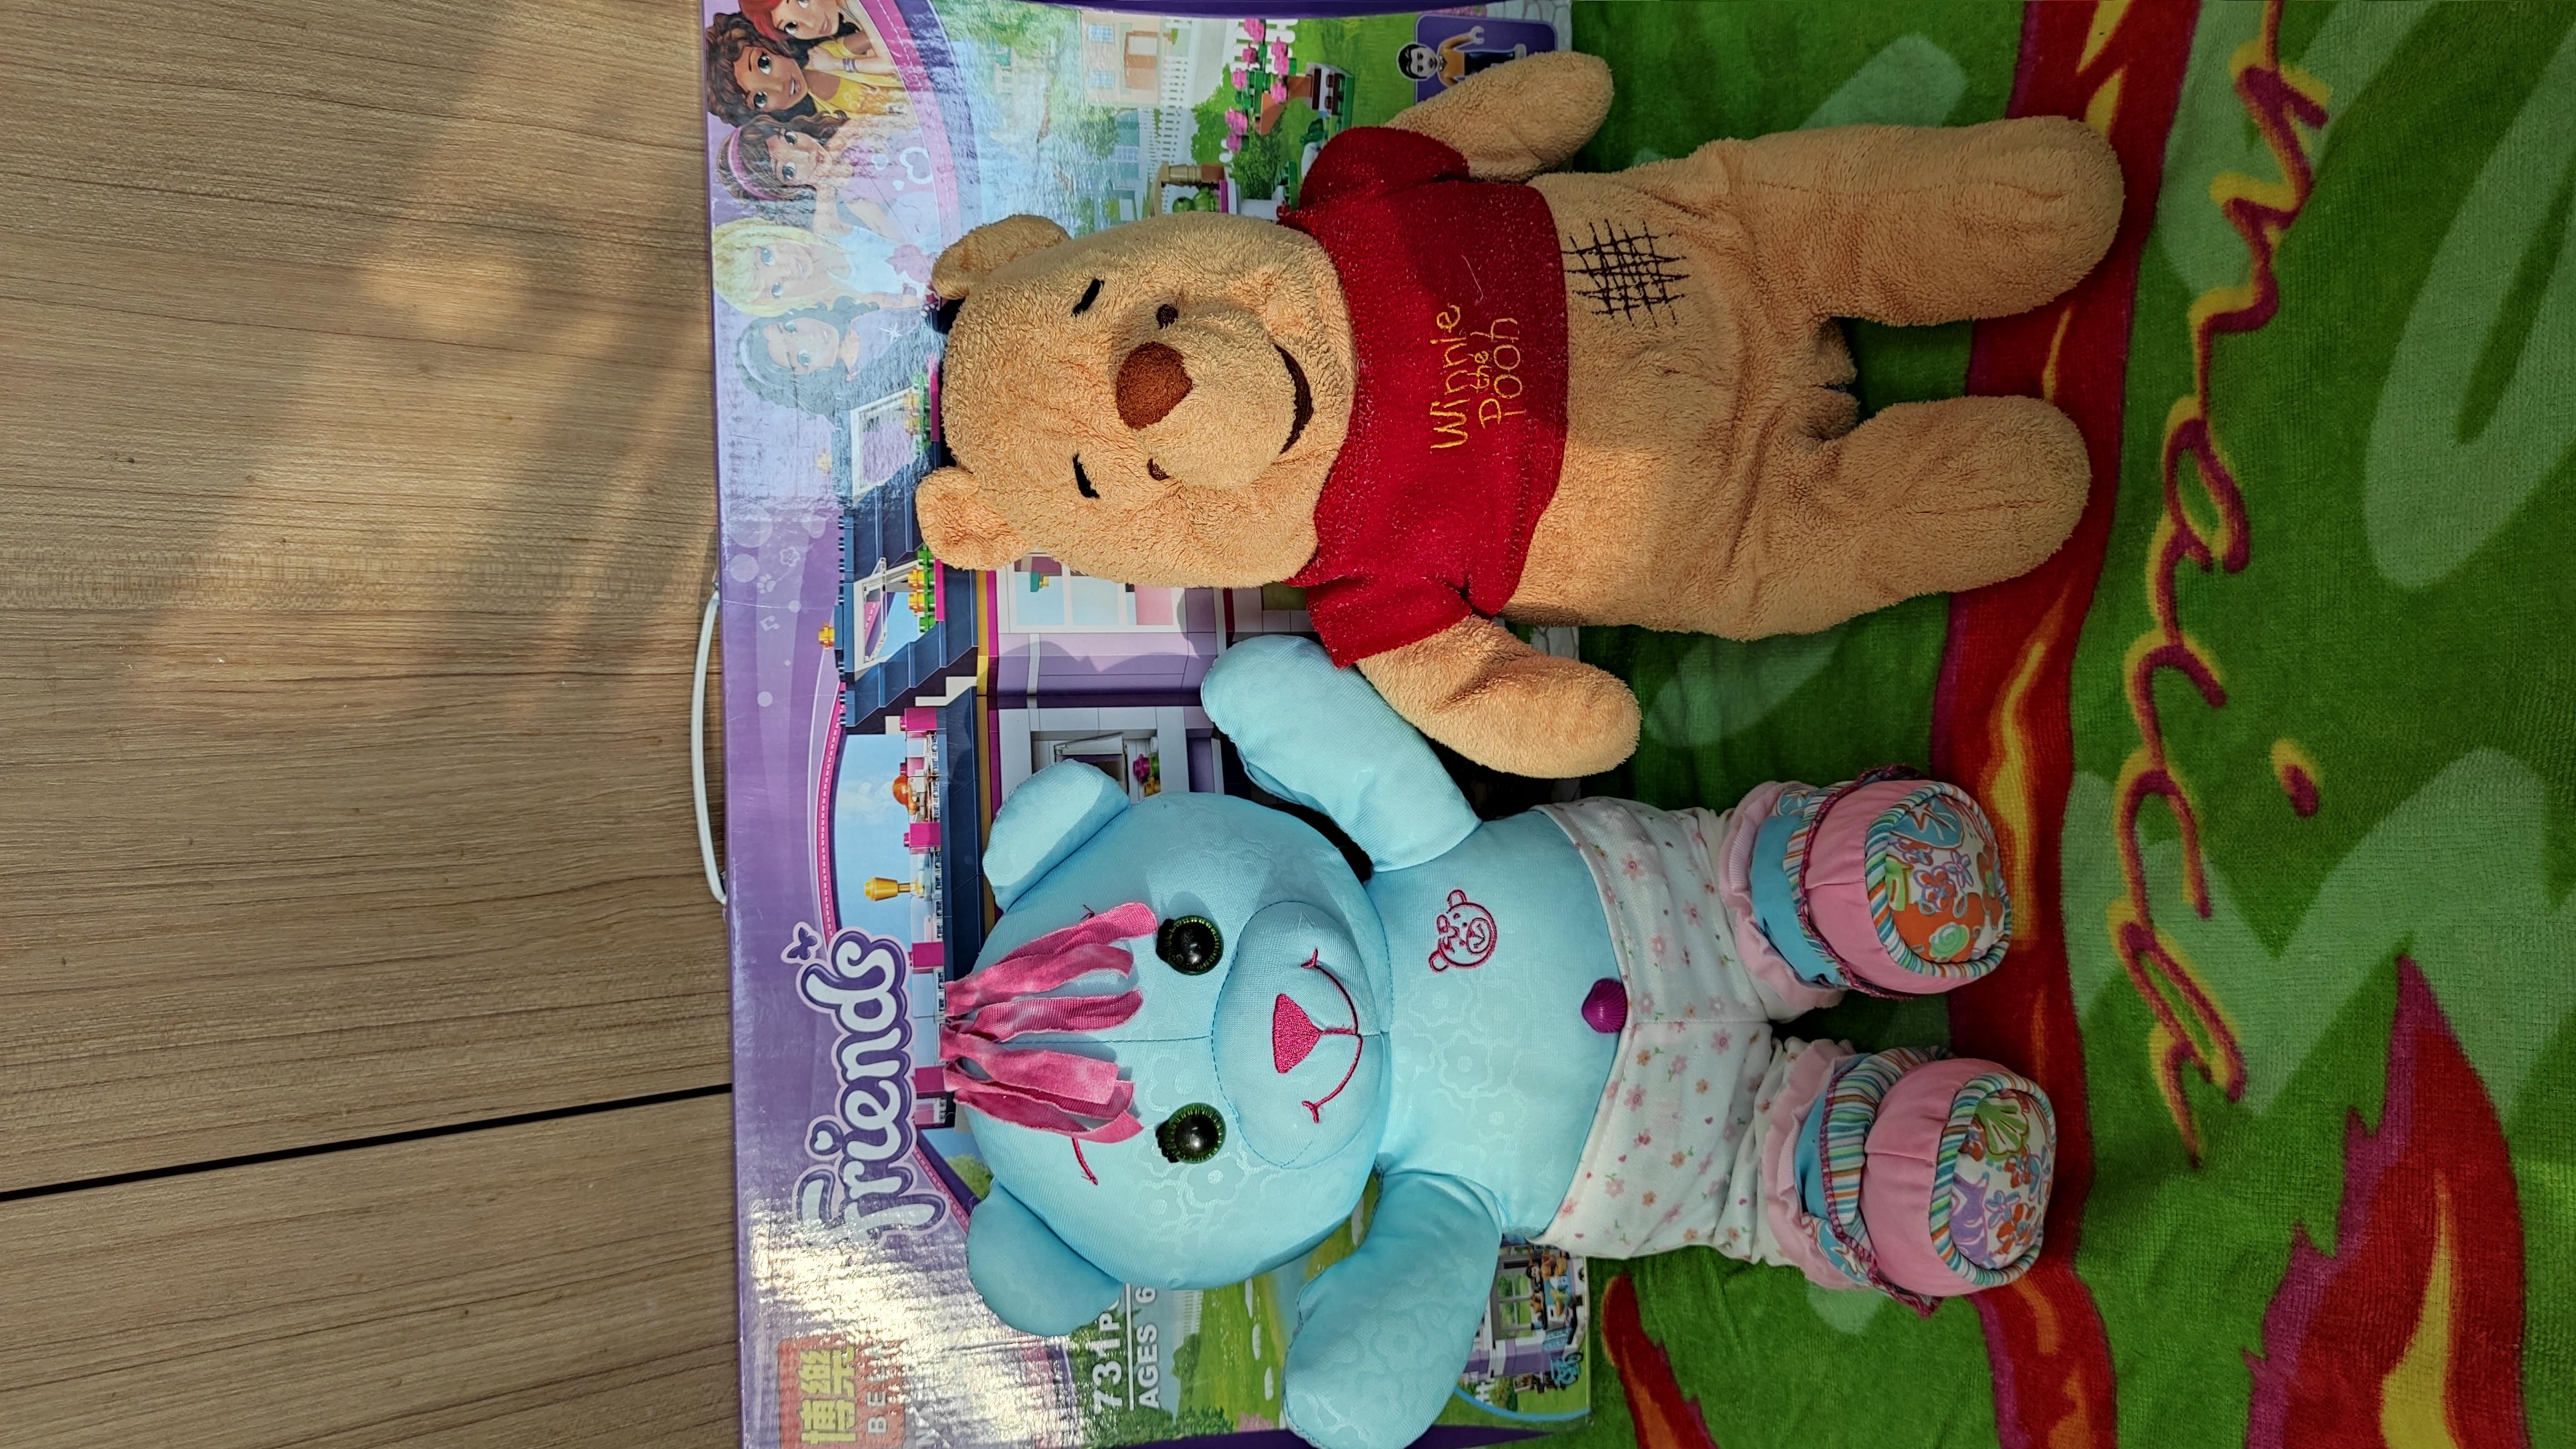 Не пропустите!!! Огромные мягкие игрушки-мишки!!!36-37см